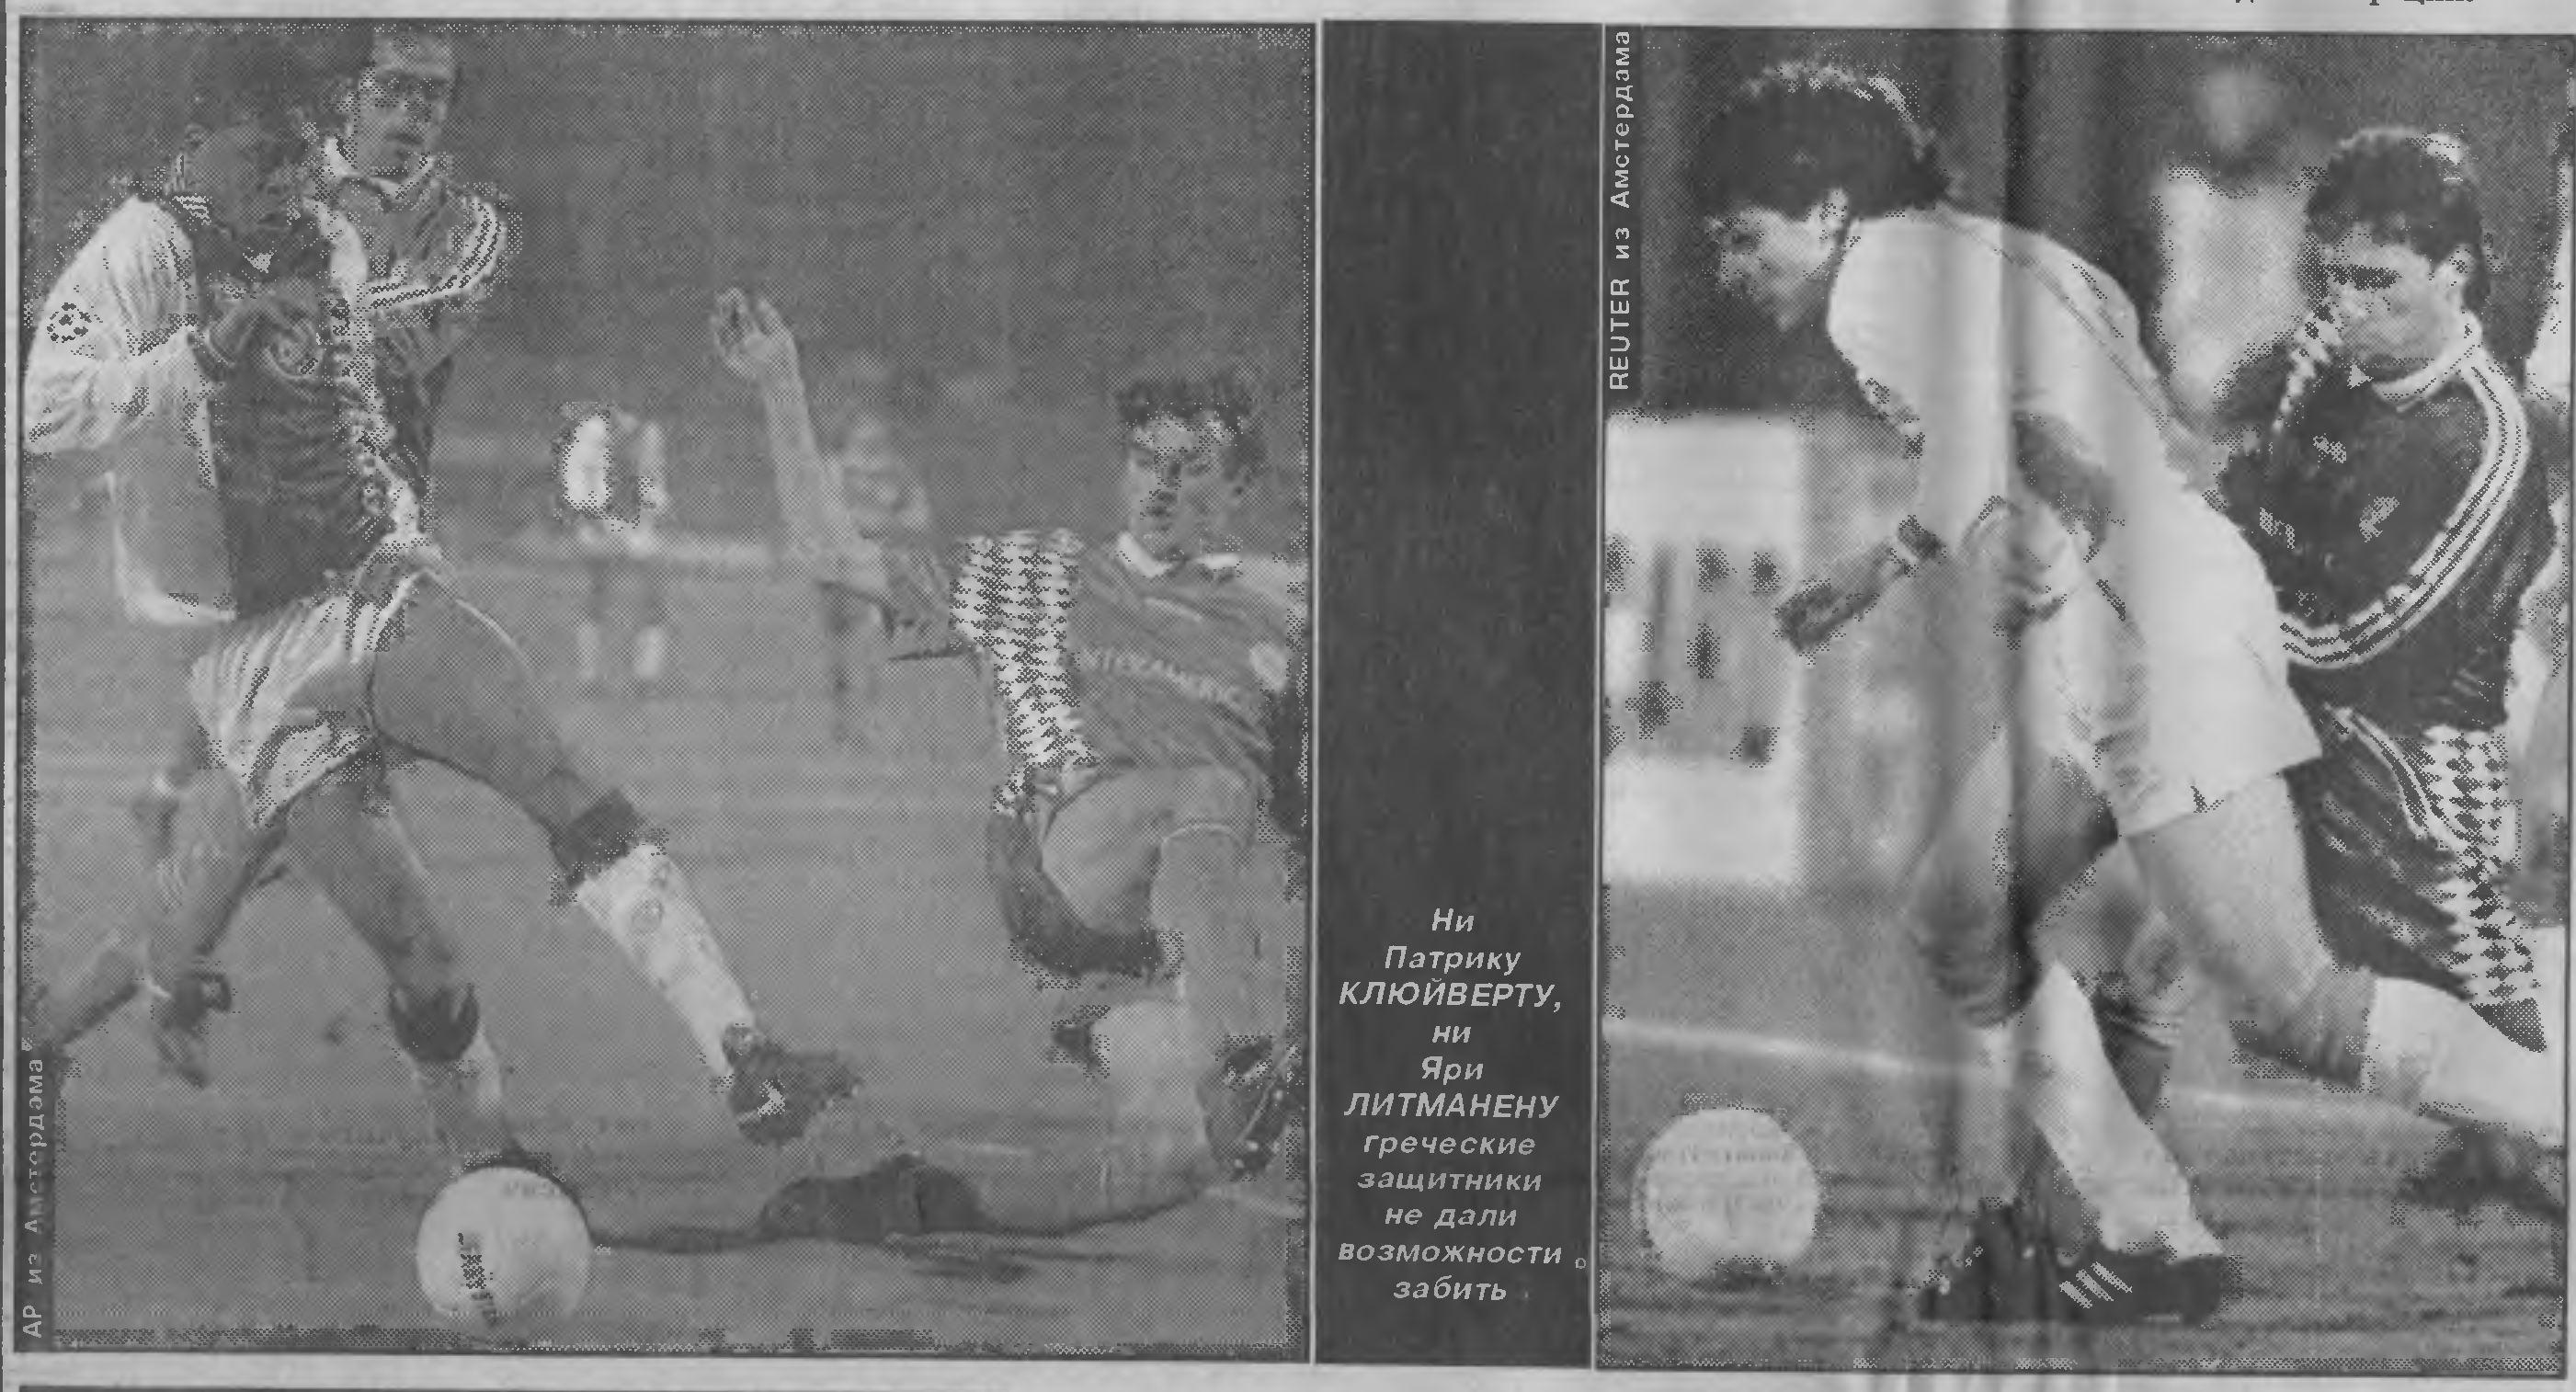 Аякс (Голландия) - Панатинаикос (Греция) 0:1